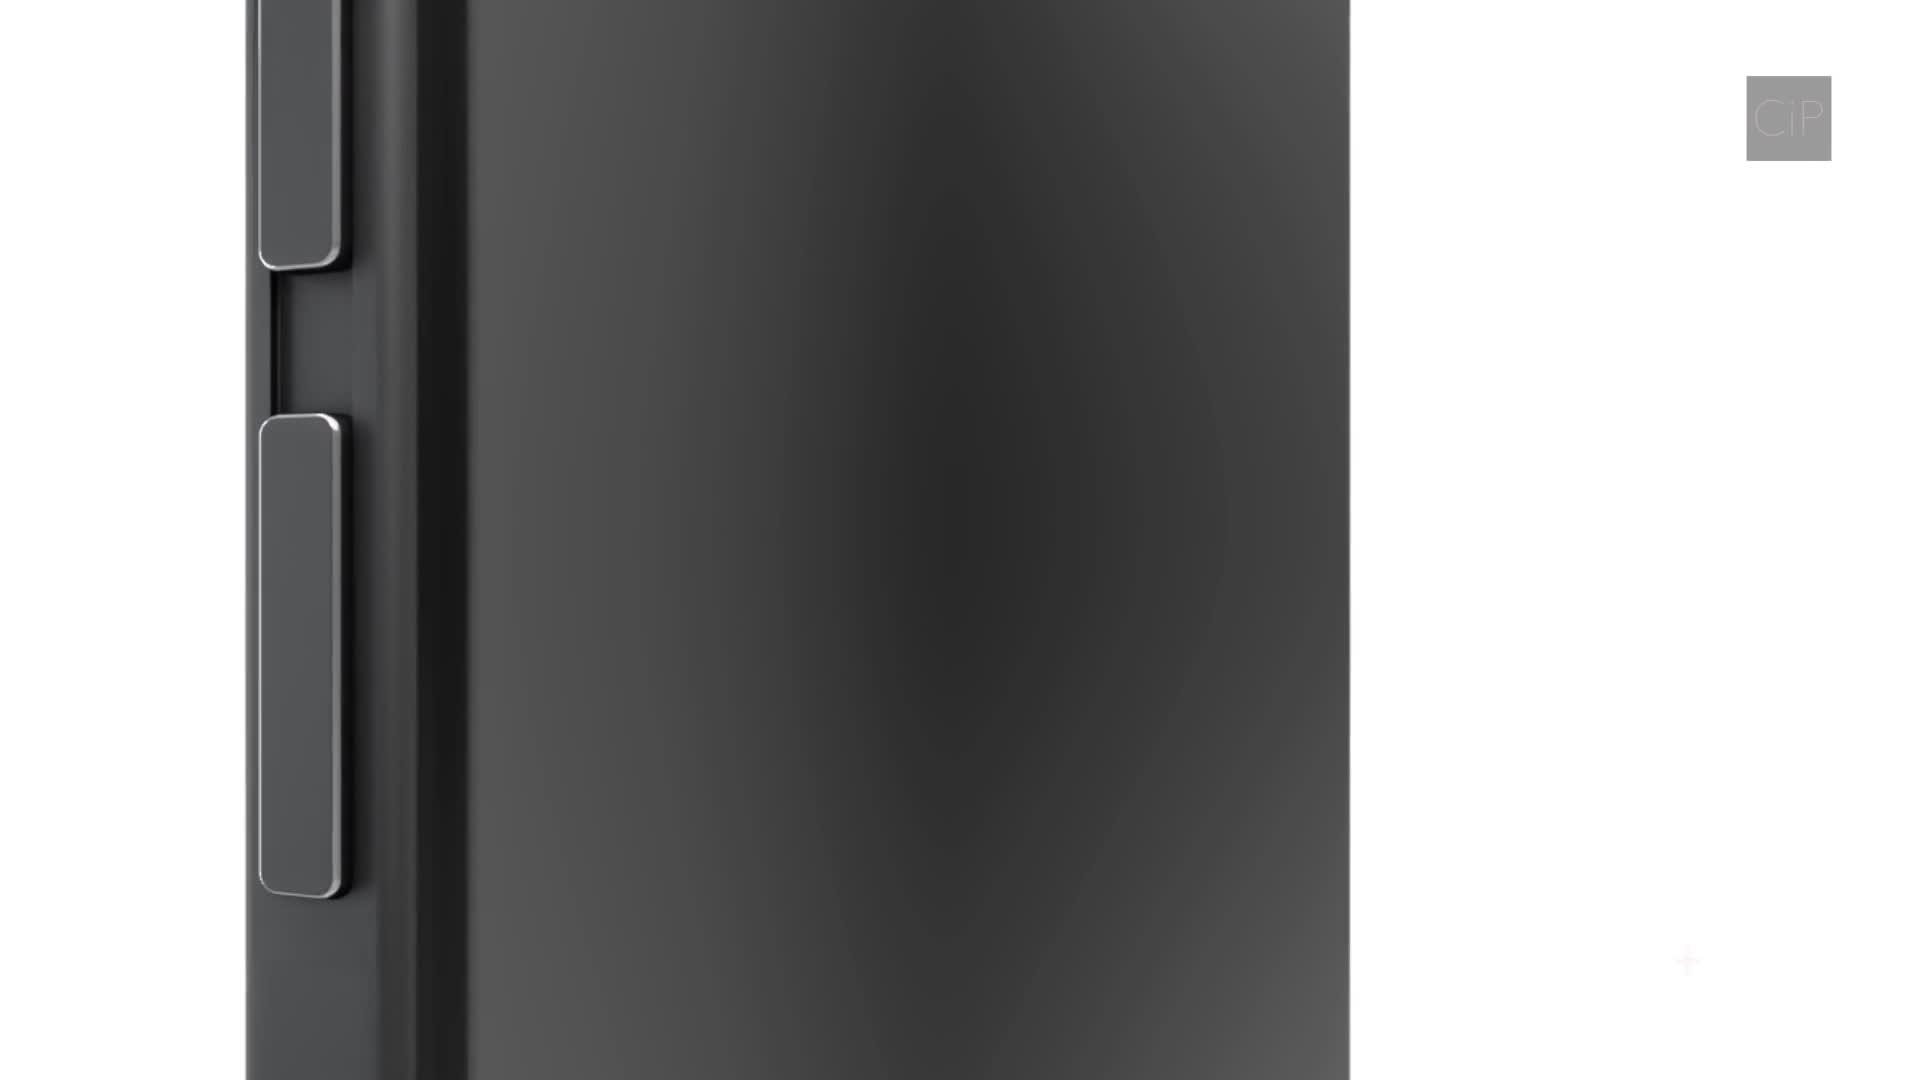 Ý tưởng iPhone 7/7 Plus ấn tượng với viền màn hình siêu mỏng